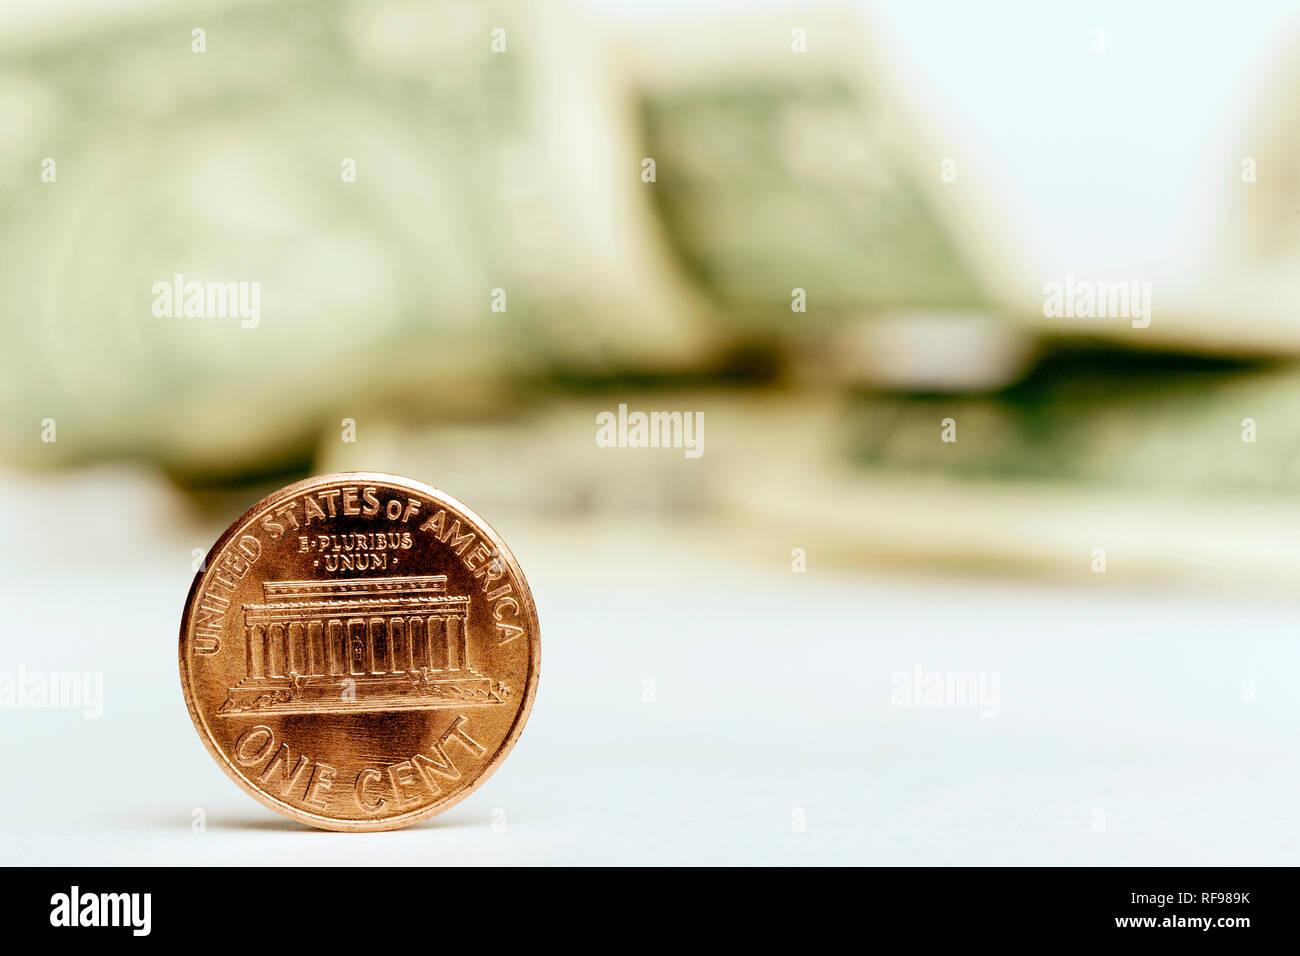 Cent Stockfotos und  bilder Kaufen   Alamy